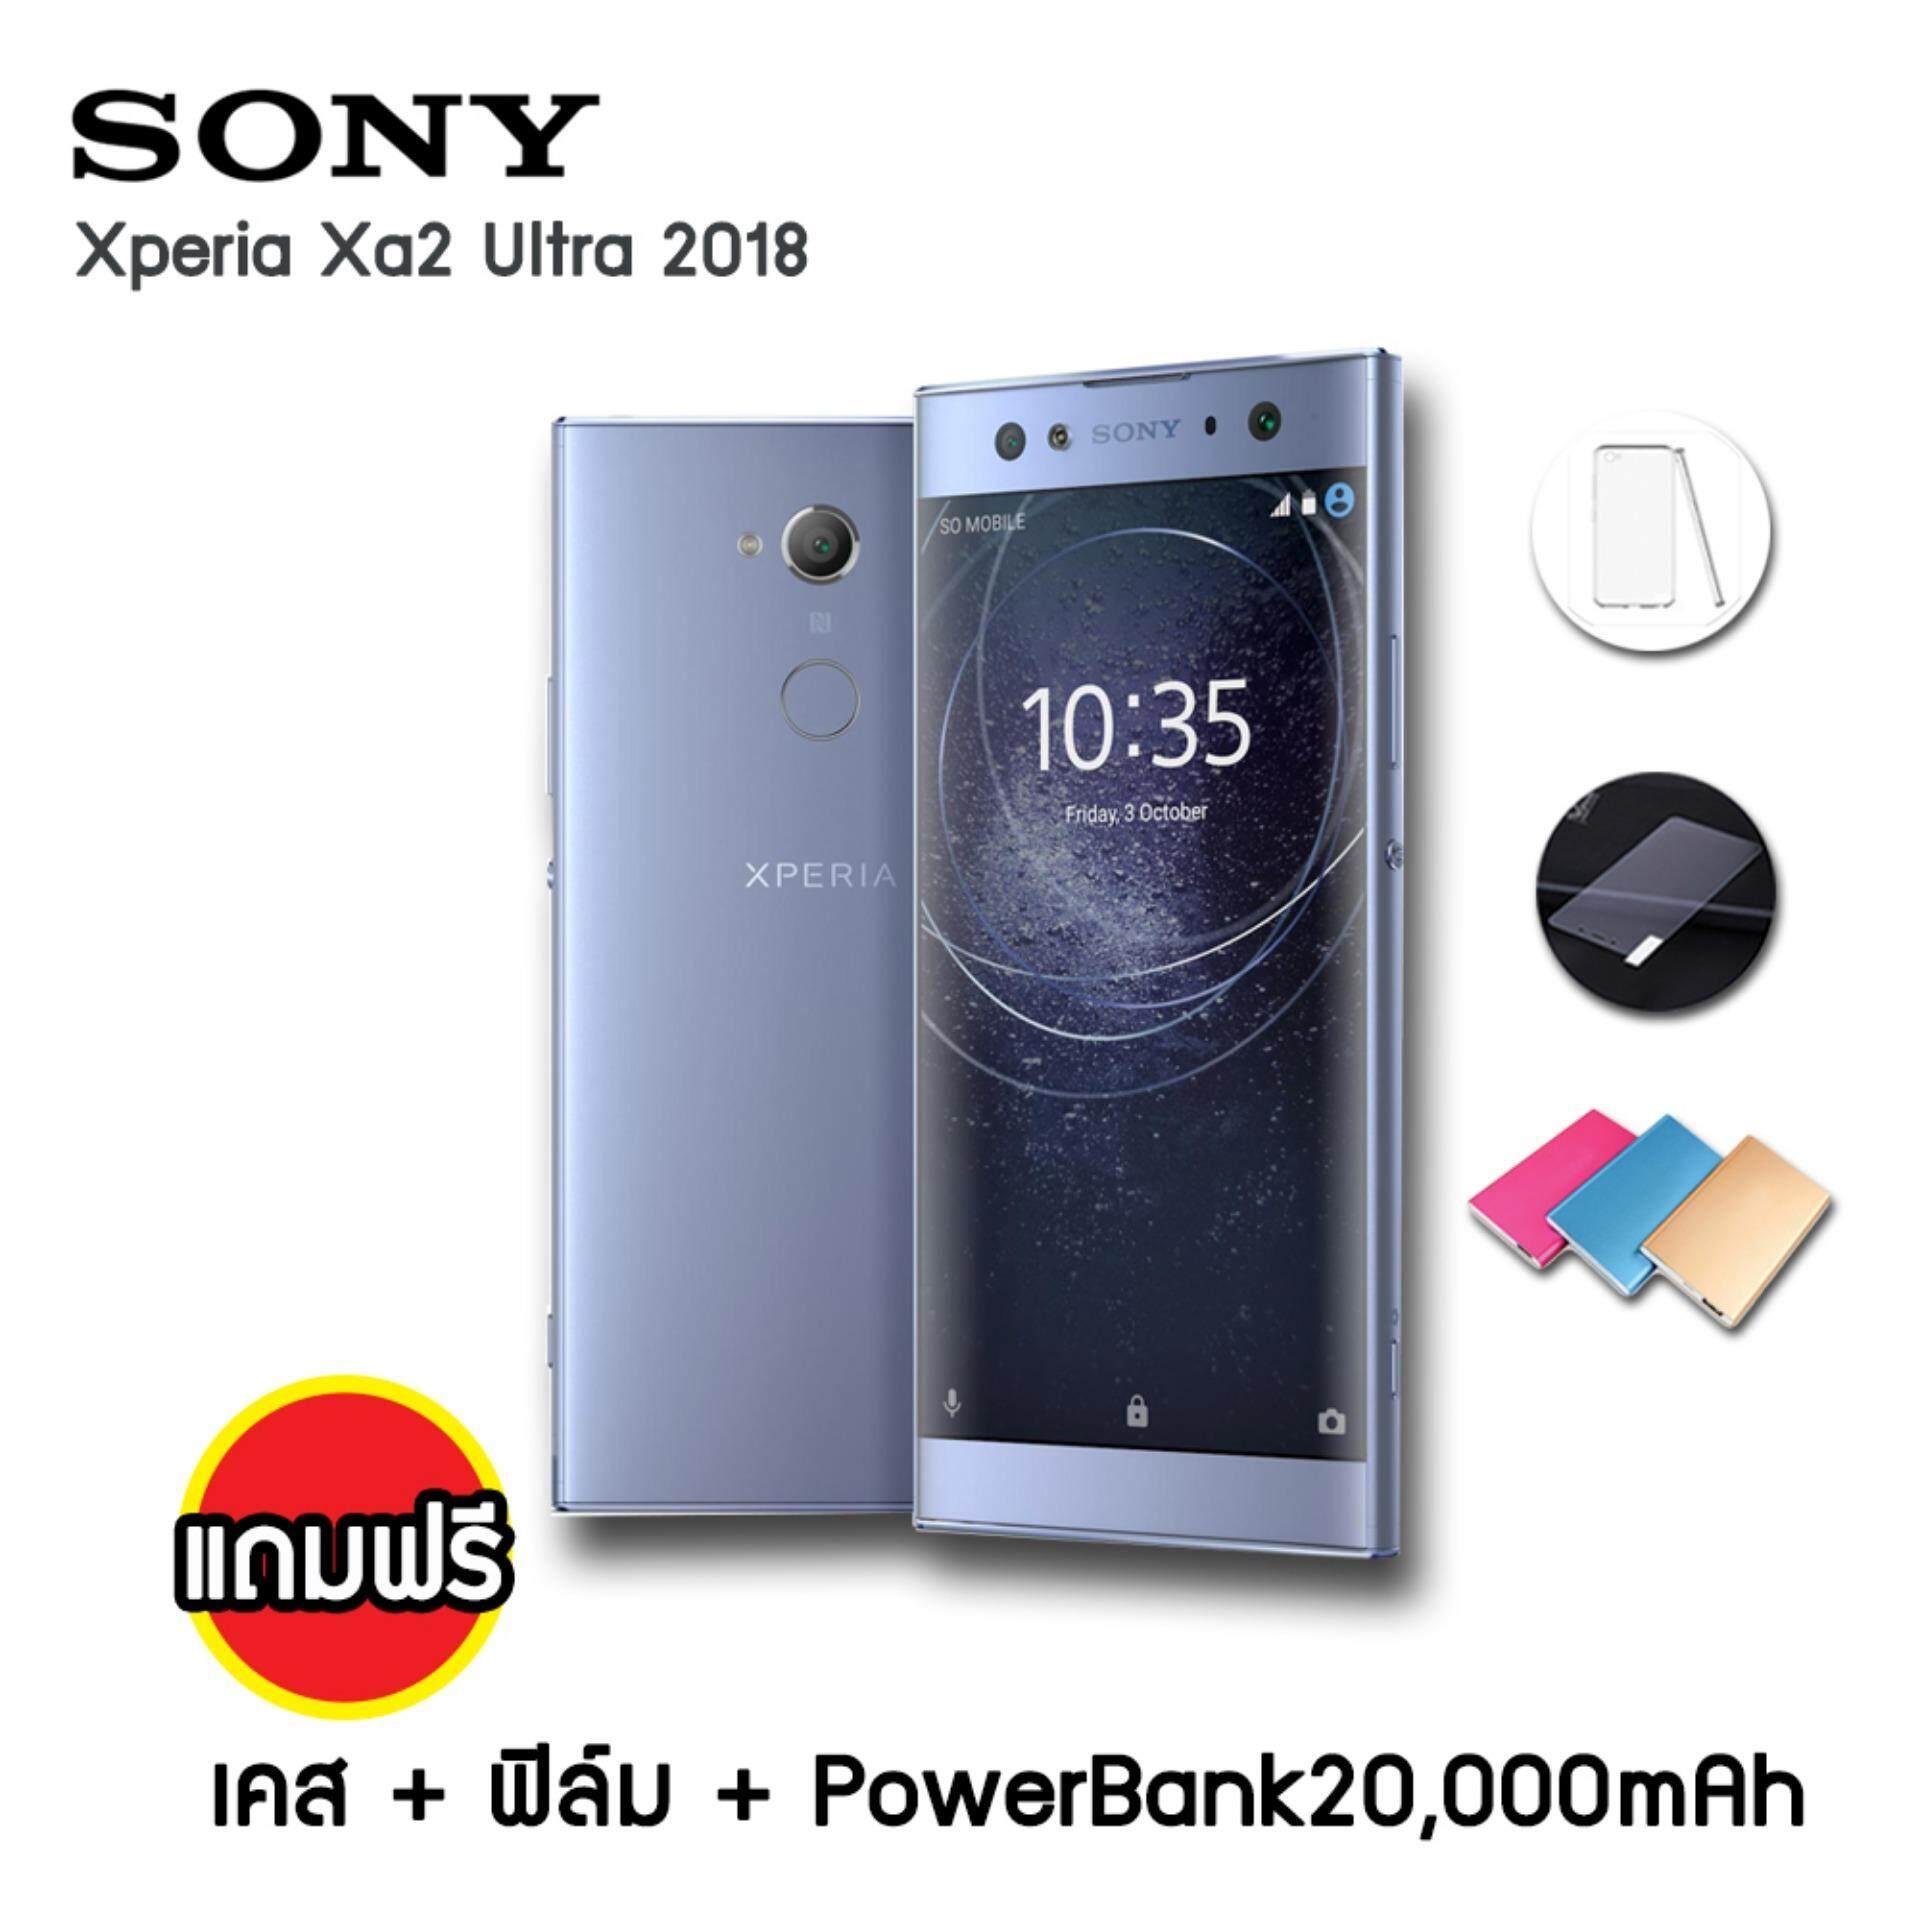 ขาย Sony Xperia Xa2 Ultra 2018 4 64Gb แถม เคส ฟิล์ม Powerbank20 000Mah ถูก ลำปาง